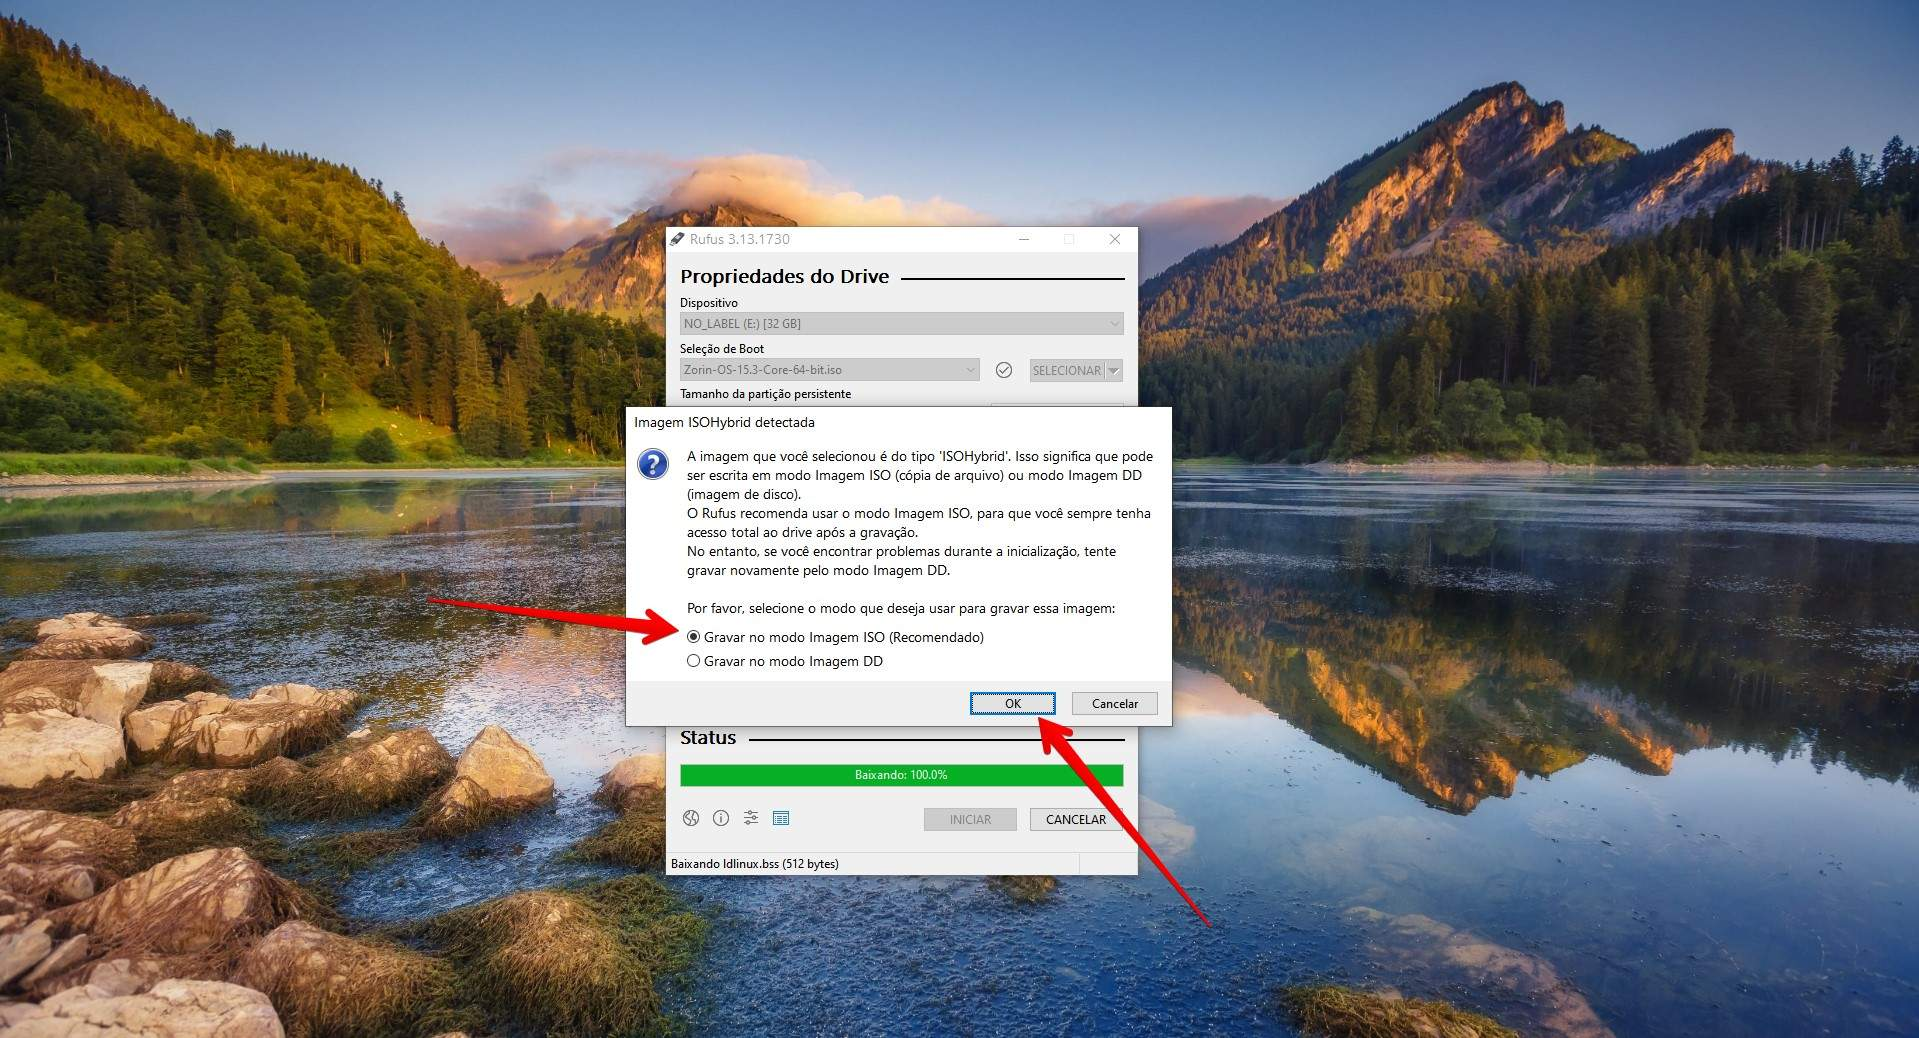 Escolha a opção de gravar no modo imagem ISO para continuar o processo de criação (Foto: Reprodução/Filipe Salles)